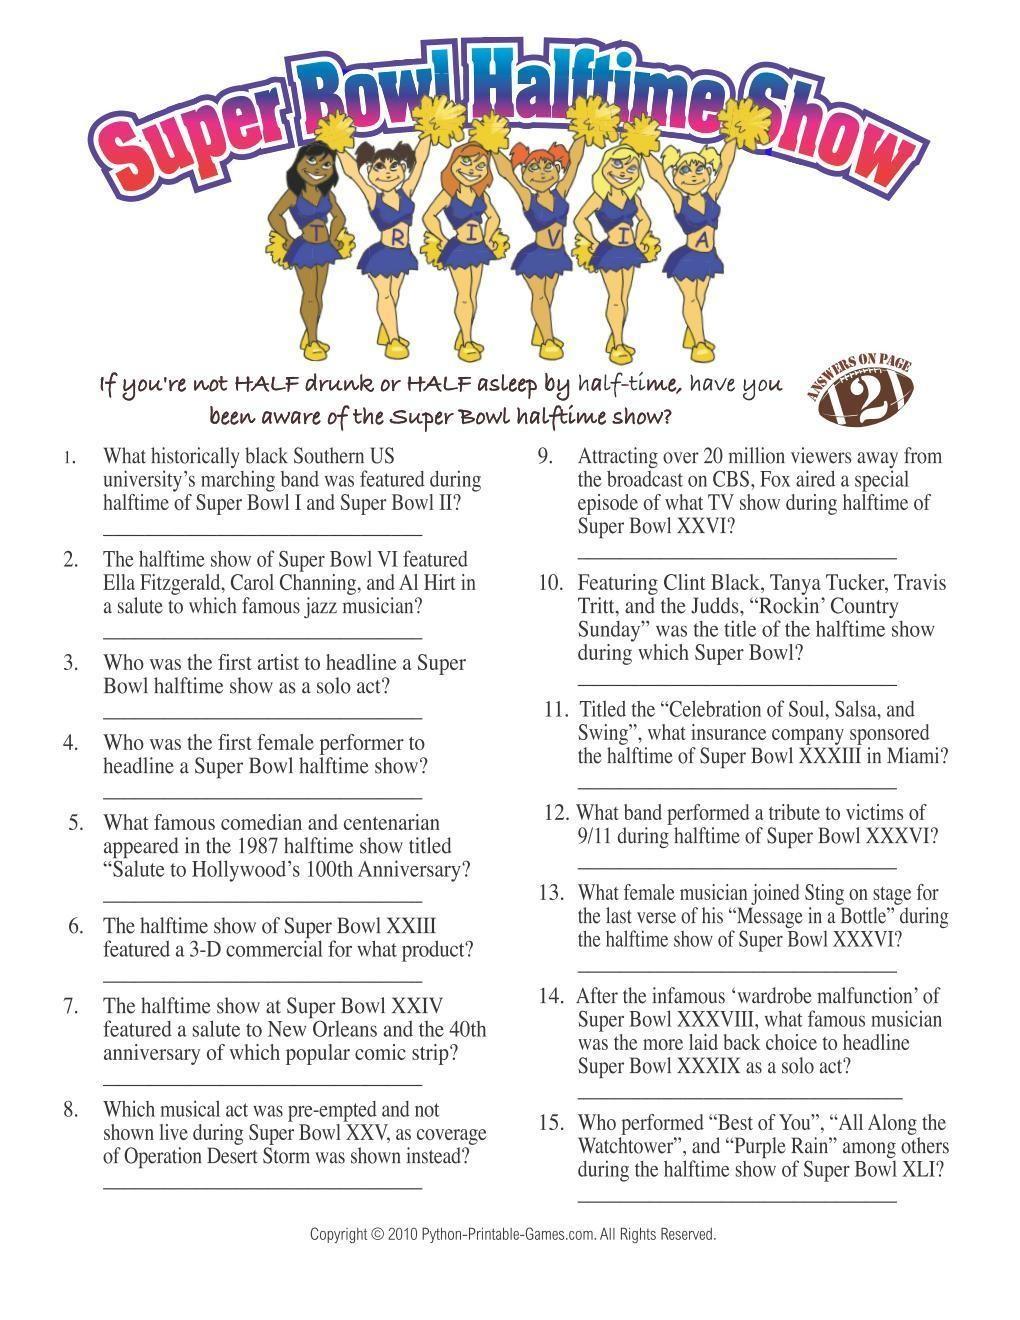 Super Bowl: Halftime Show Trivia